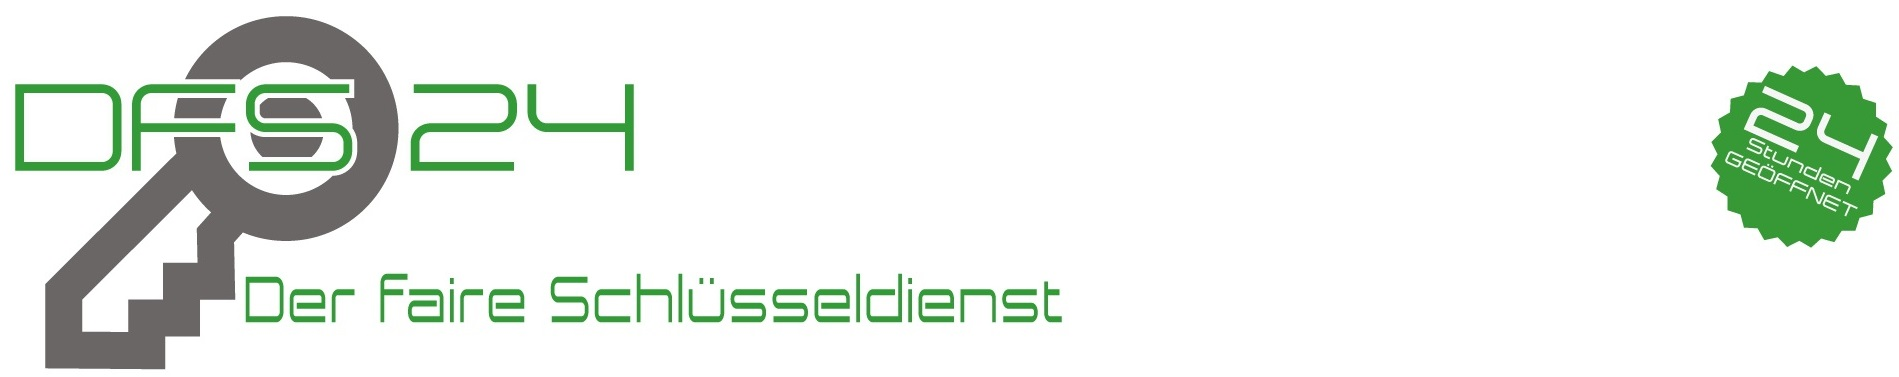 schlüsseldienst mülheim logo